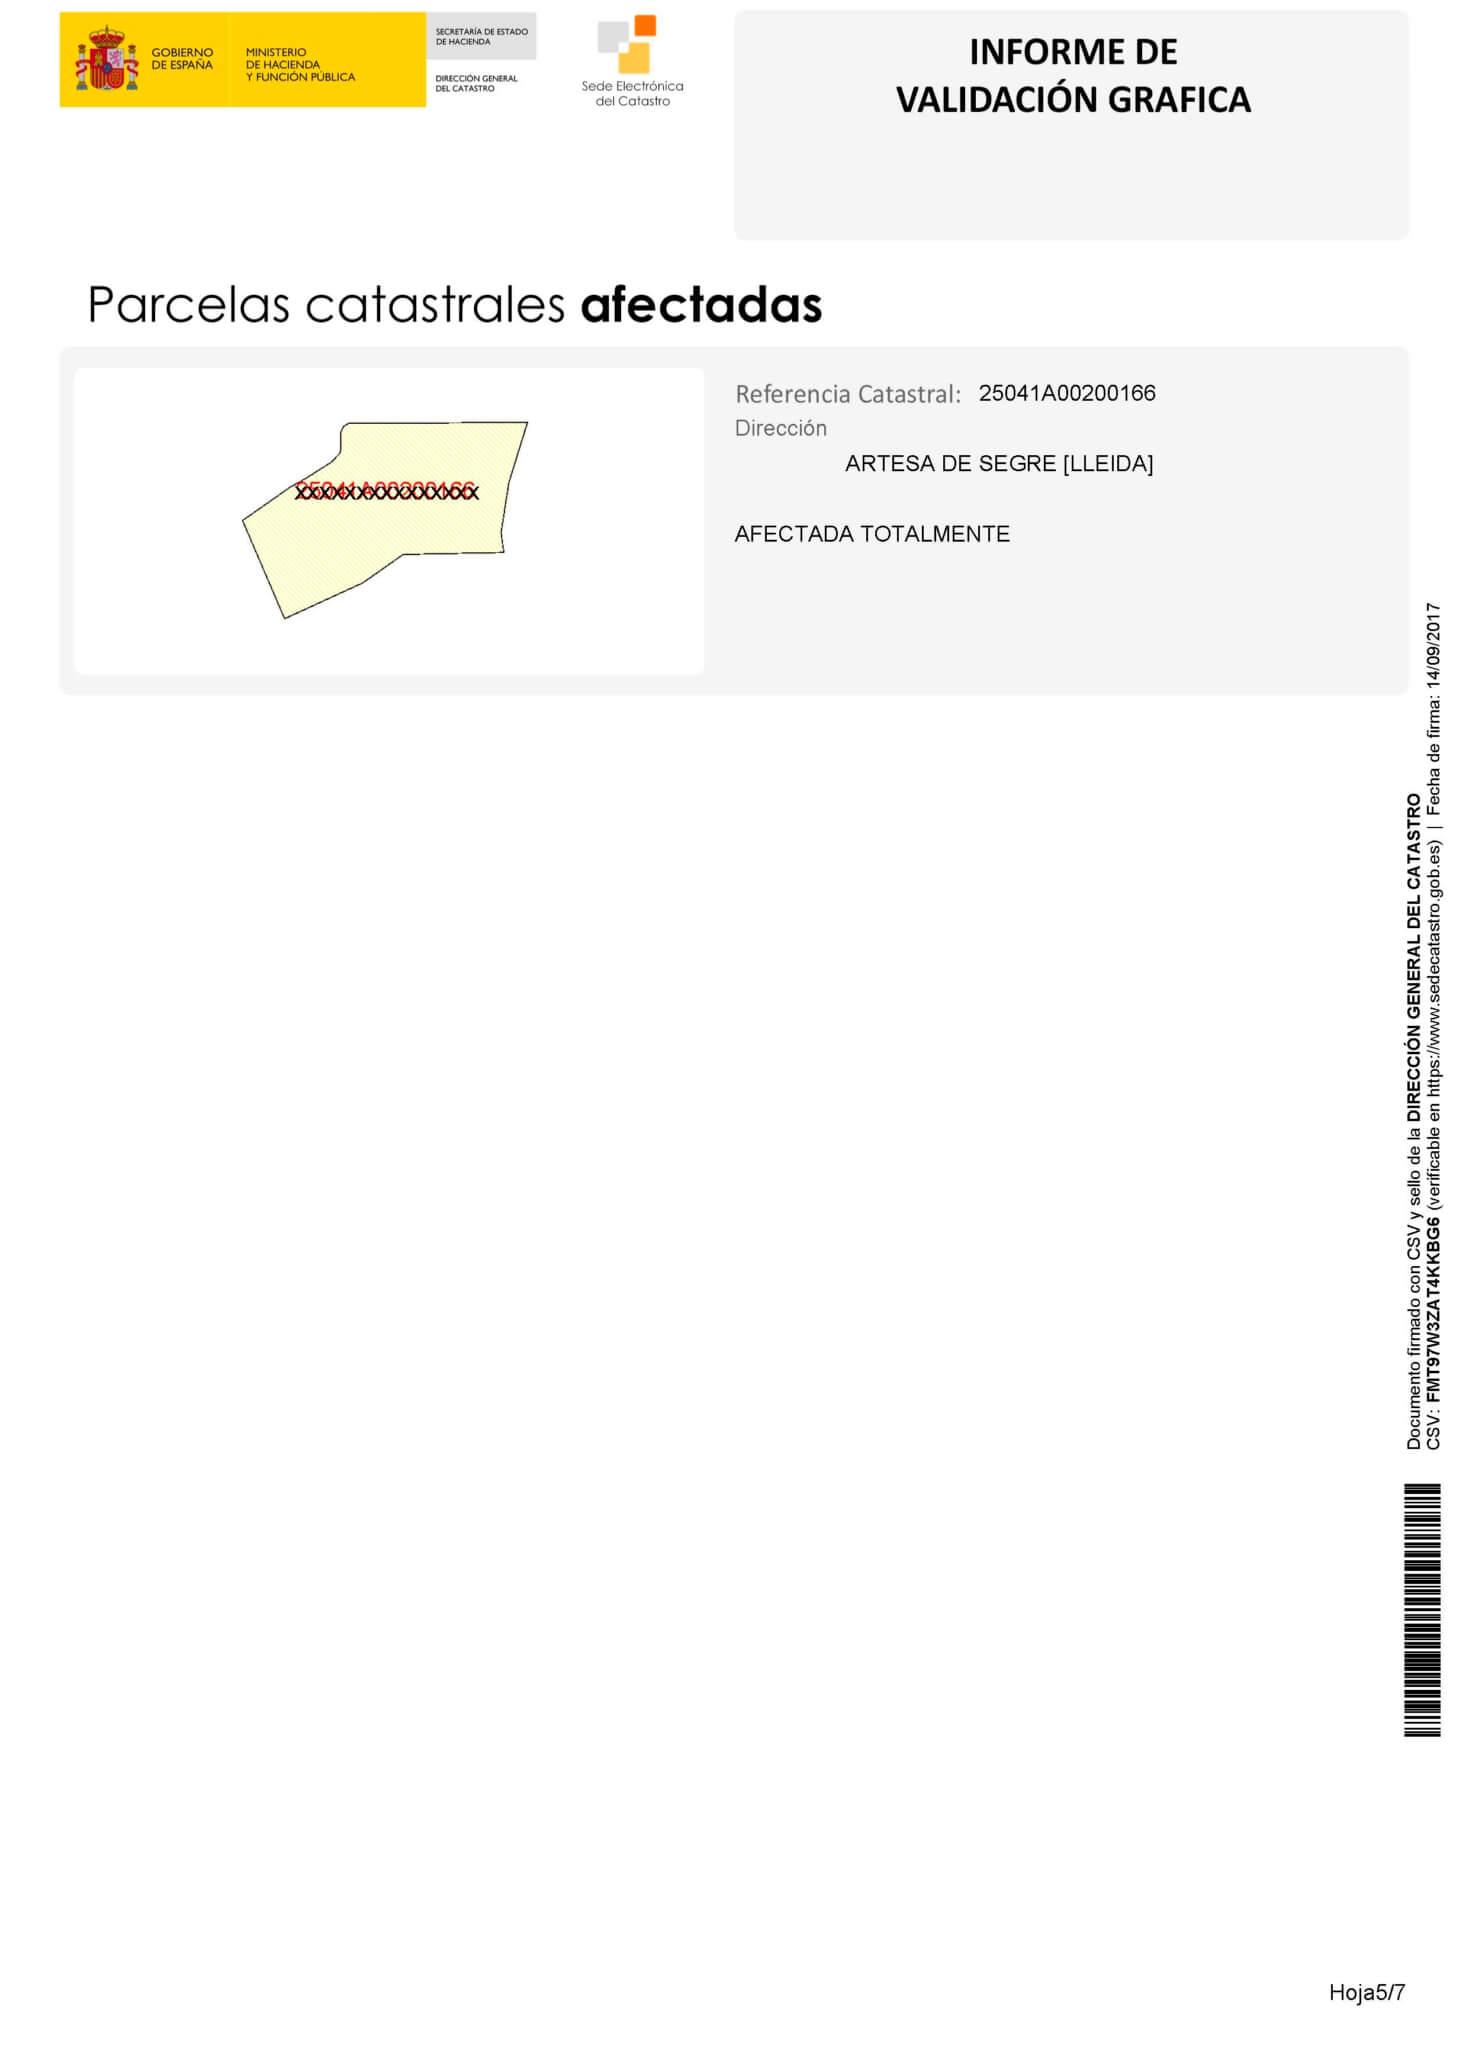 INFORME-COORDENADAS-GEORREFERENCIADAS_Página_5